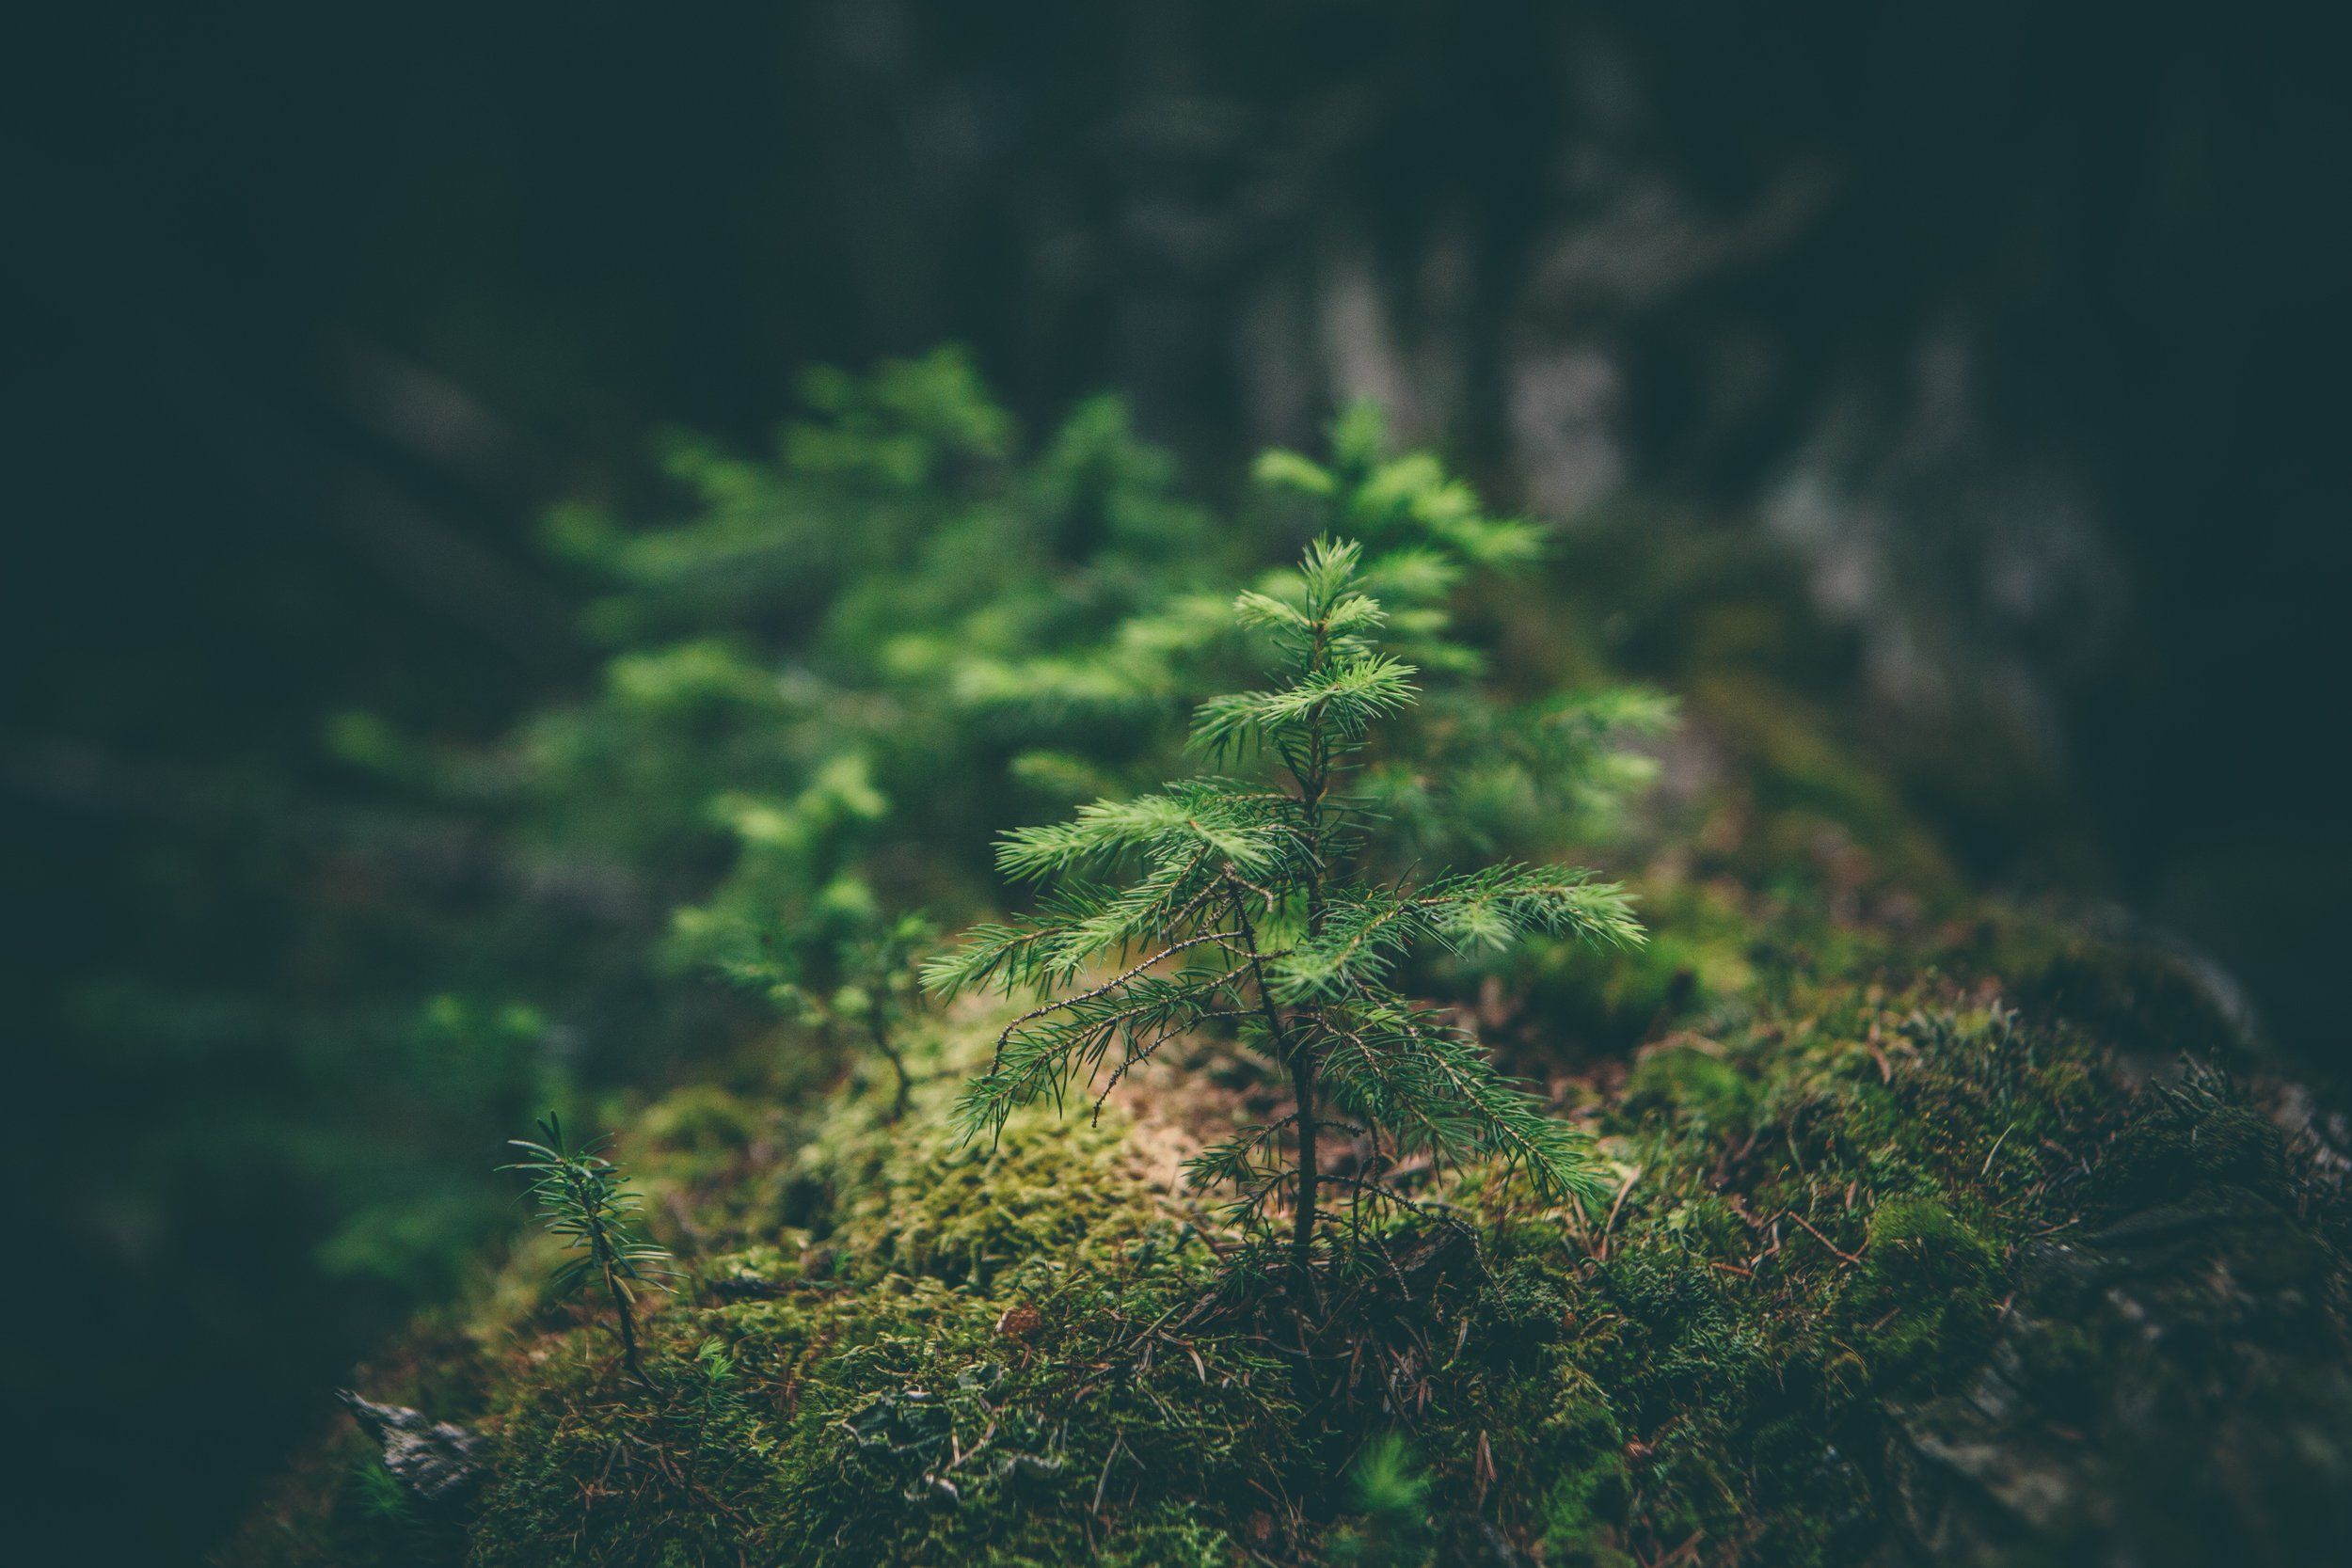 ....Giving back..保护环境..Nuestra promesa.... - ....As part of our commitment to the environment, a tree is planted for every deck board we sell...作为我们对环境的承诺的一部分,我们每次出售甲板板时都会种树。..Nuestro compromiso con el medio ambiente incluye plantar un árbol por cada artículo que vendemos.....